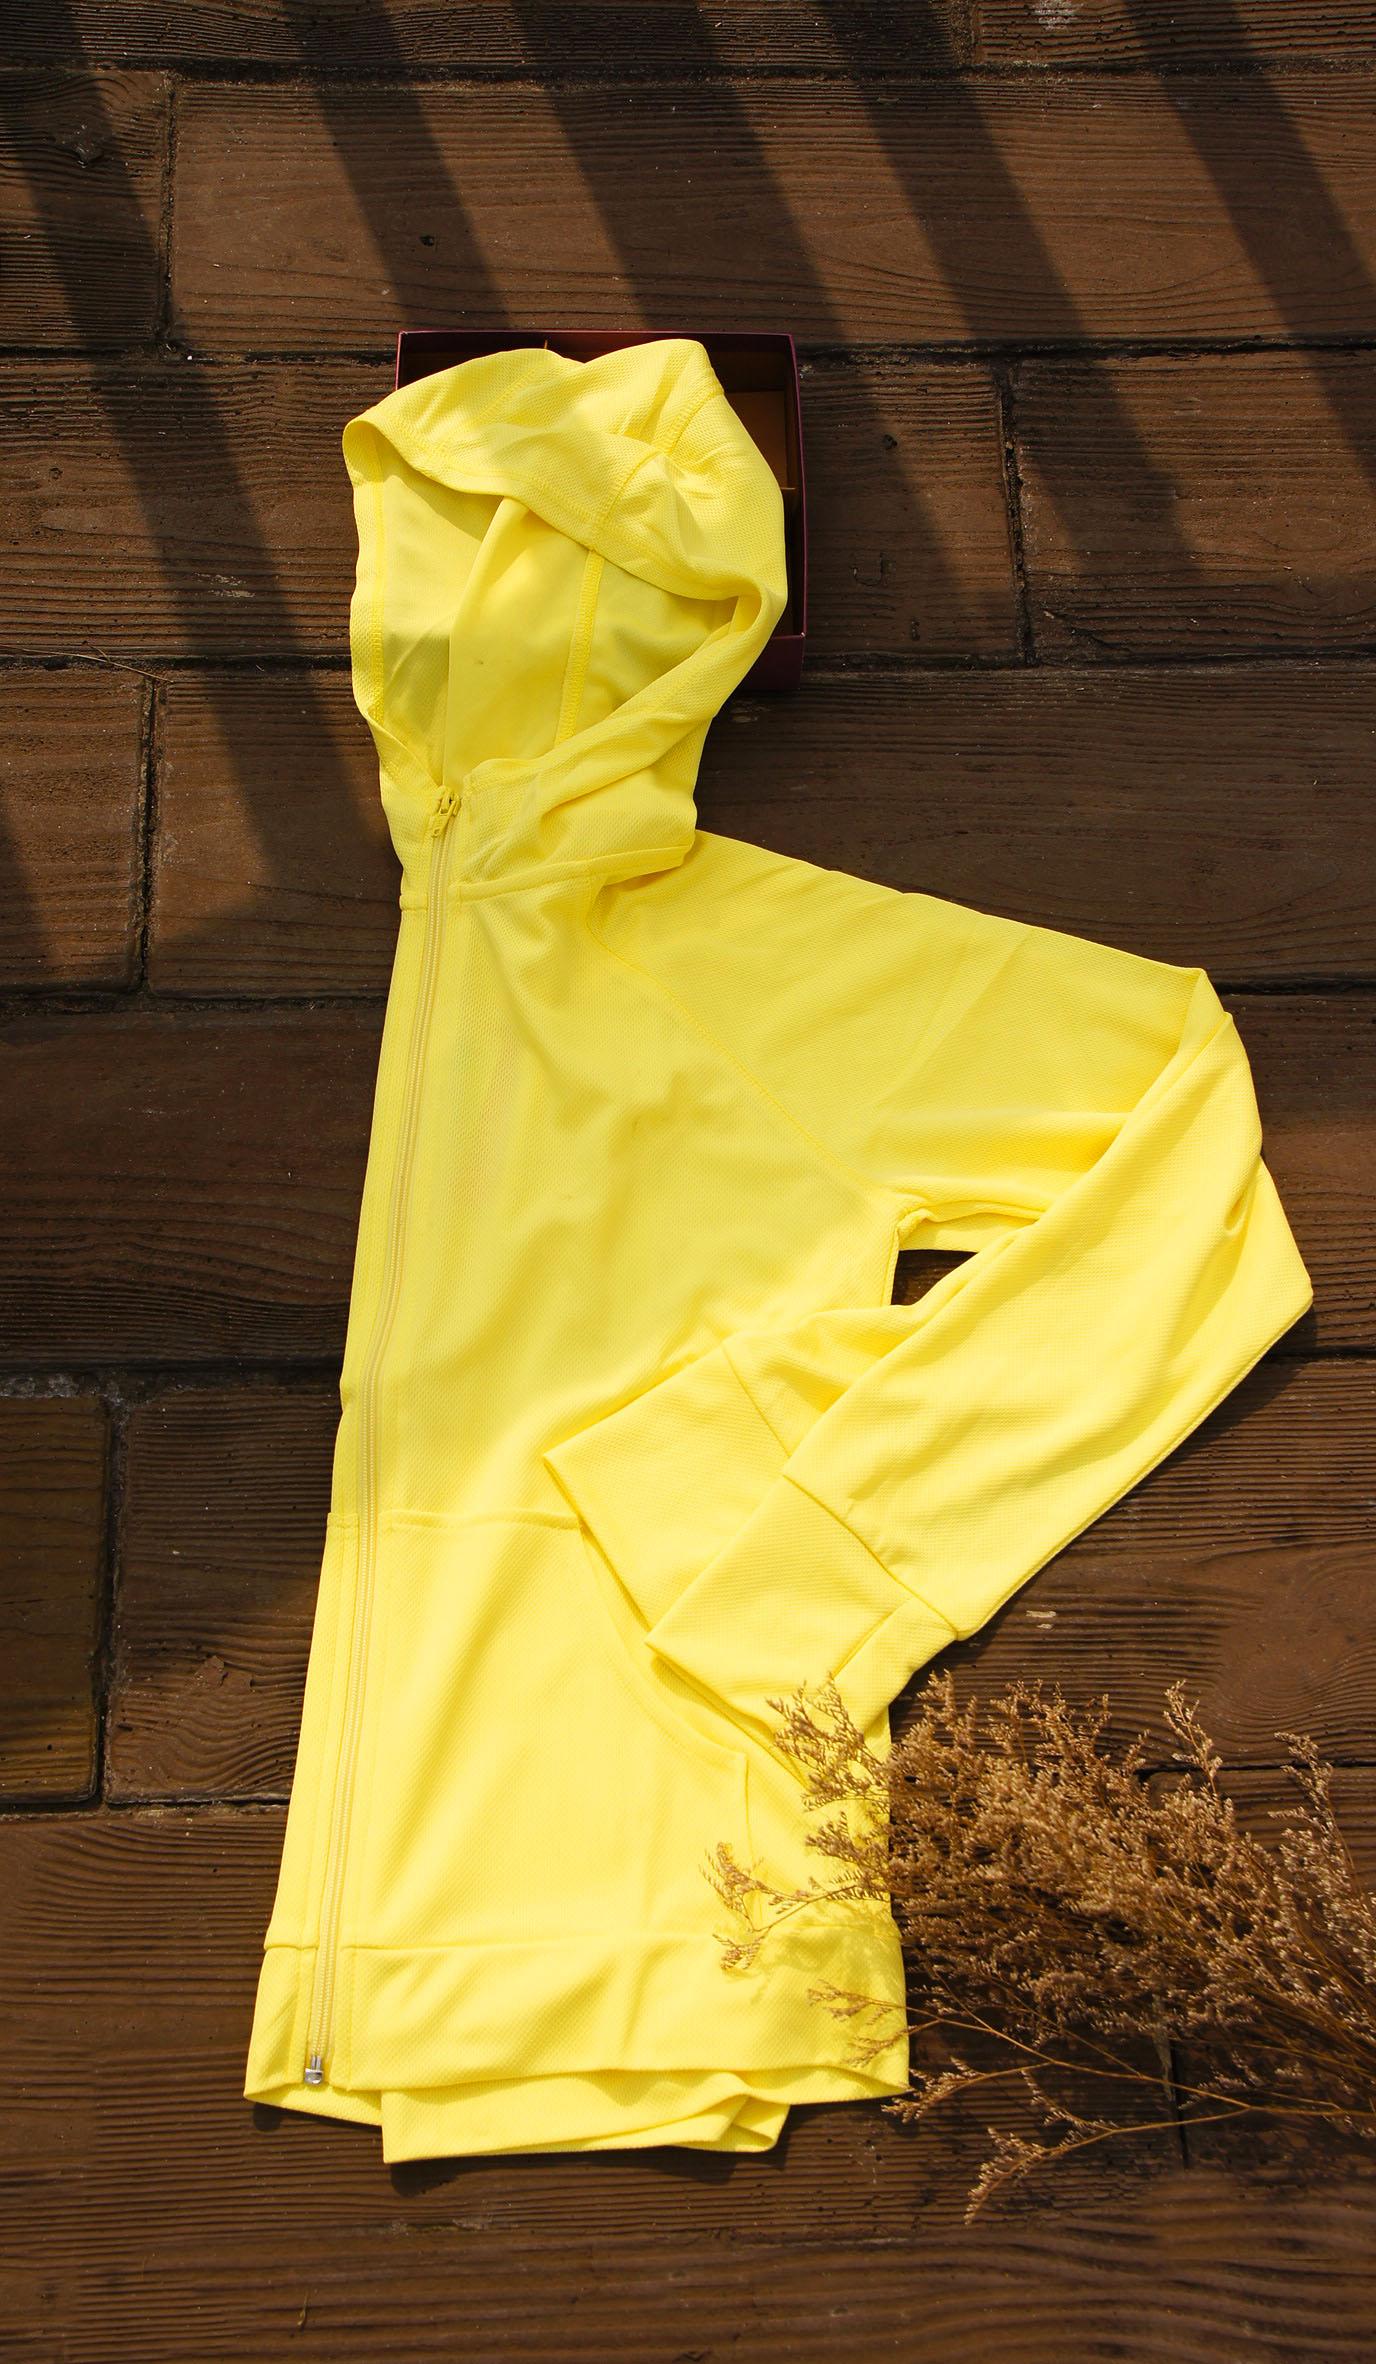 女外套*女外套【防曬抗UV外套*騎機車的防護衣*便宜,輕便,時髦流行*大尺寸的款式連一般身材男性也可當薄外套穿】 3